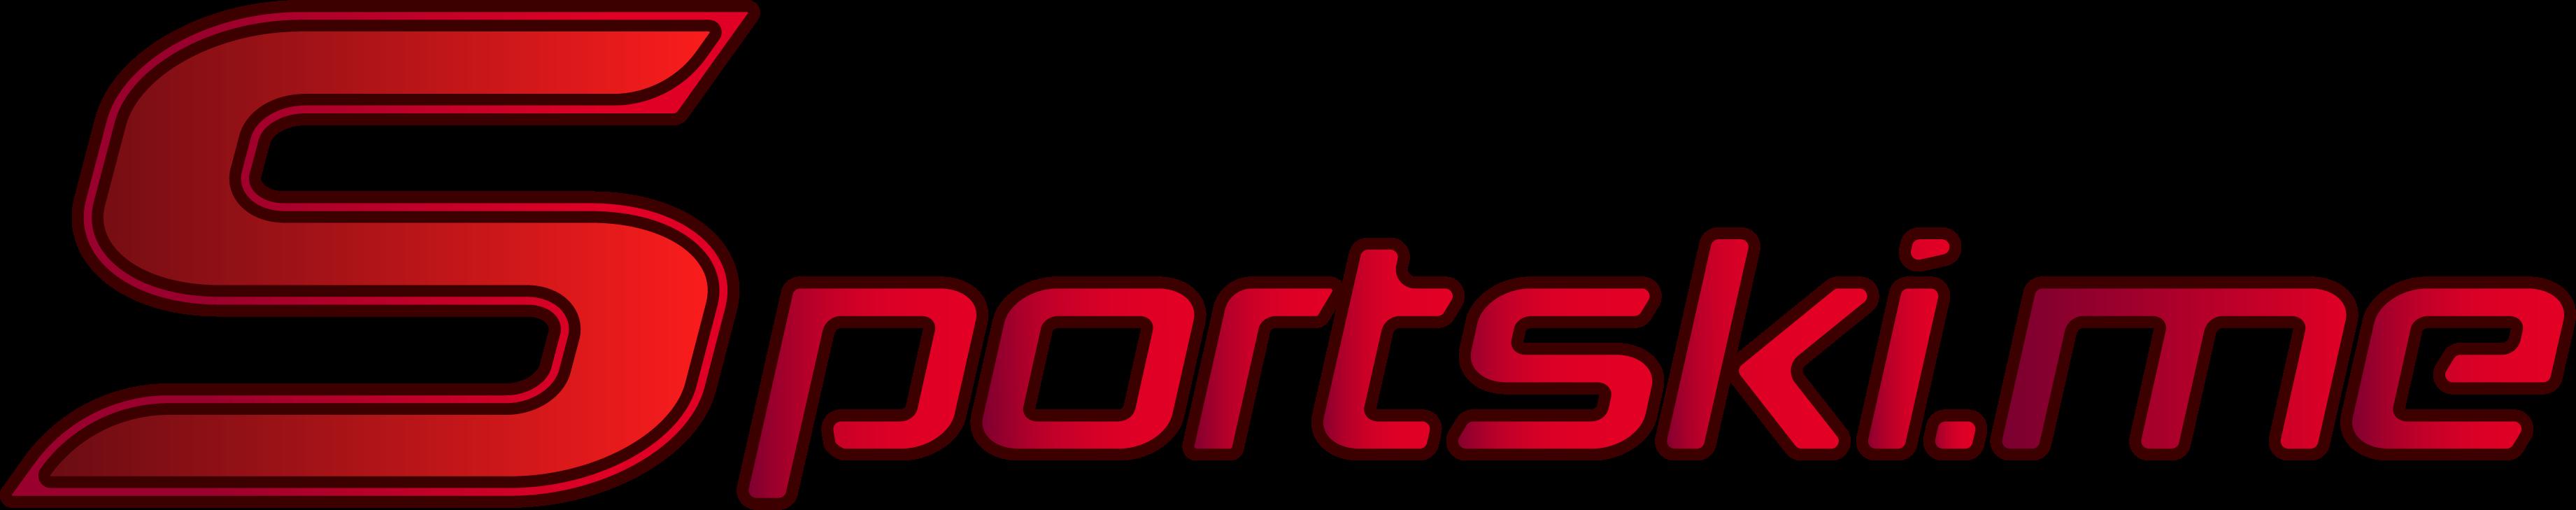 Sportski.me